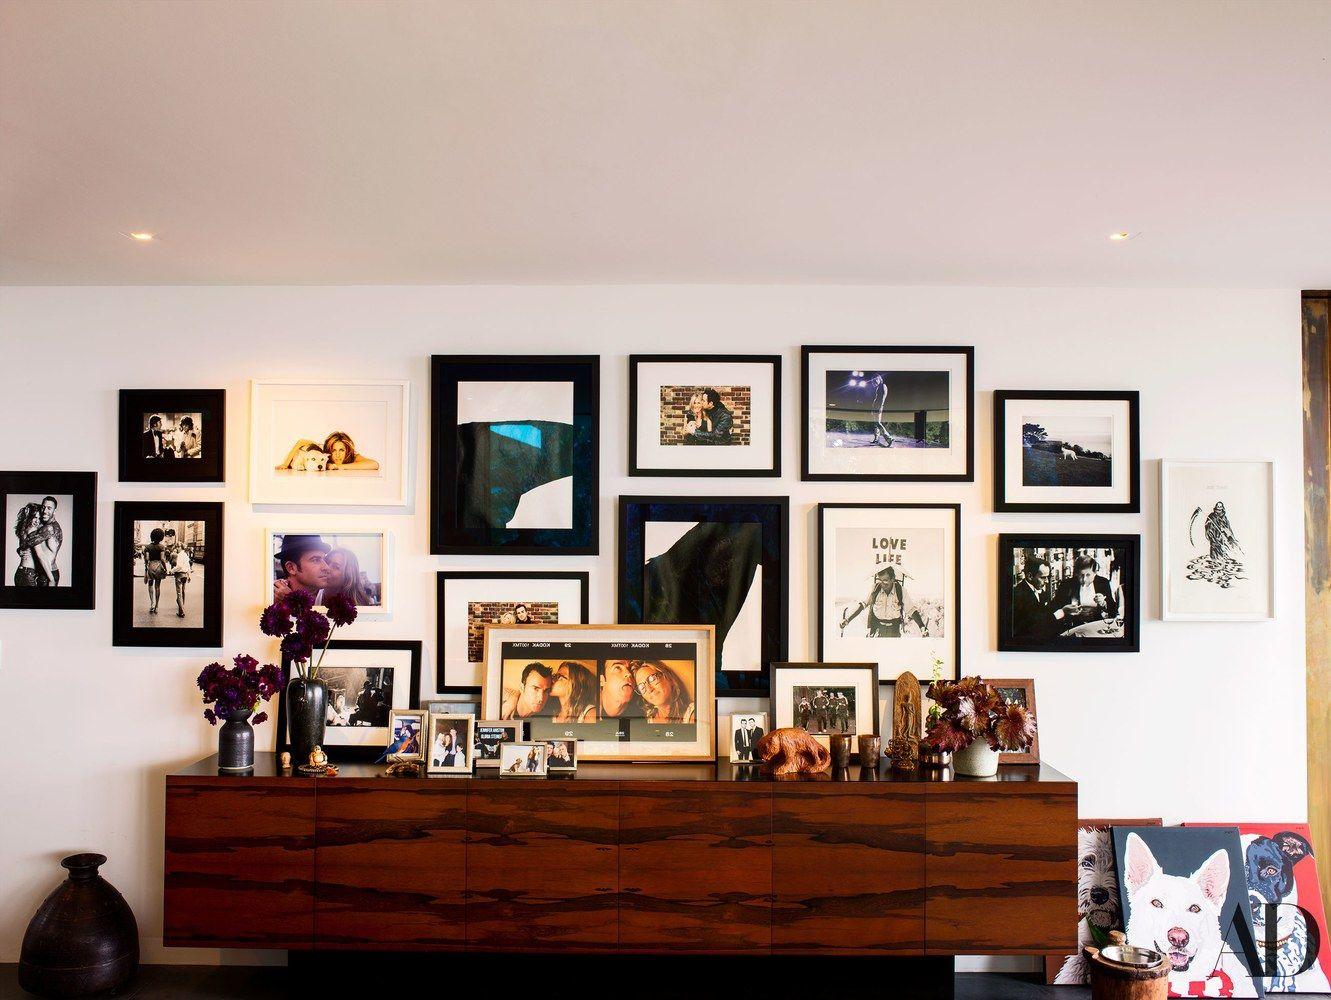 Оце так хороми: Дженніфер Еністон показала свій розкішний дім - фото 368826